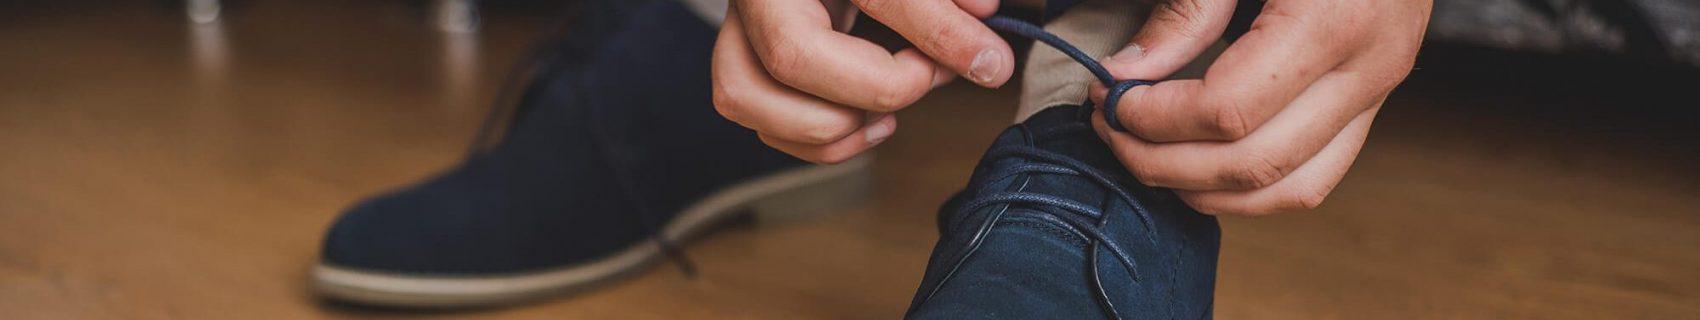 Schoenen strikken